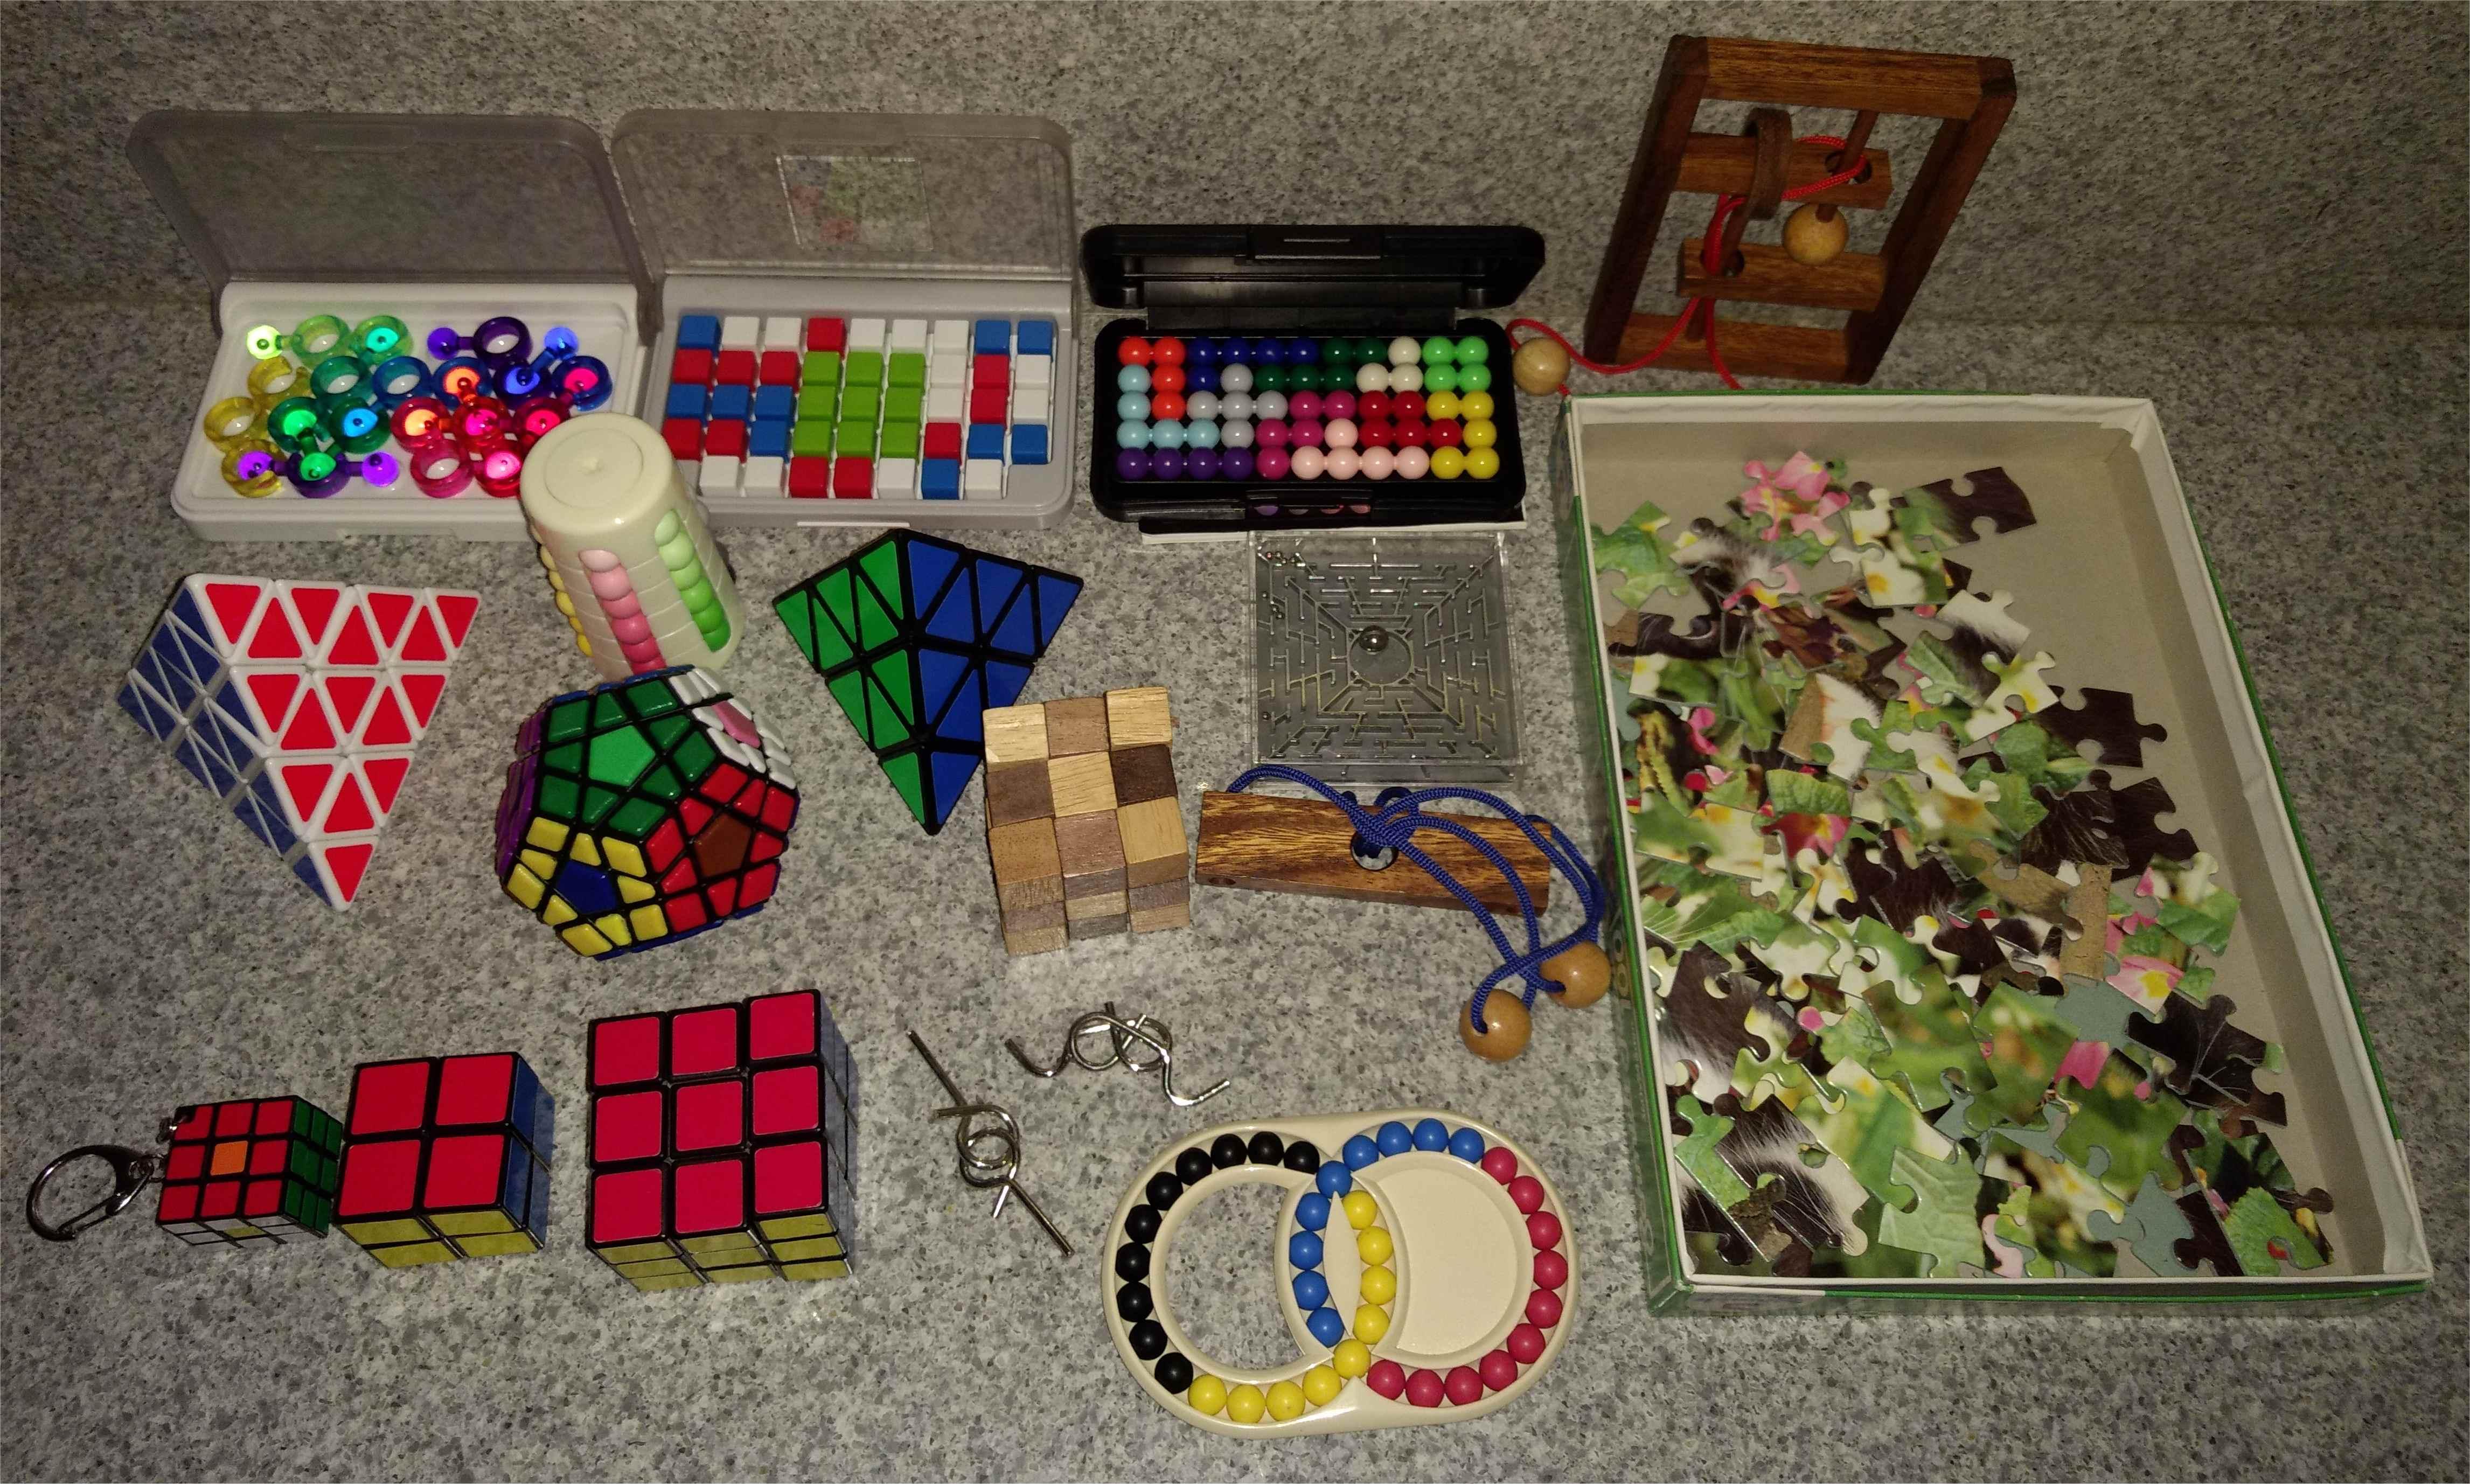 Puzzle - Wikipedia